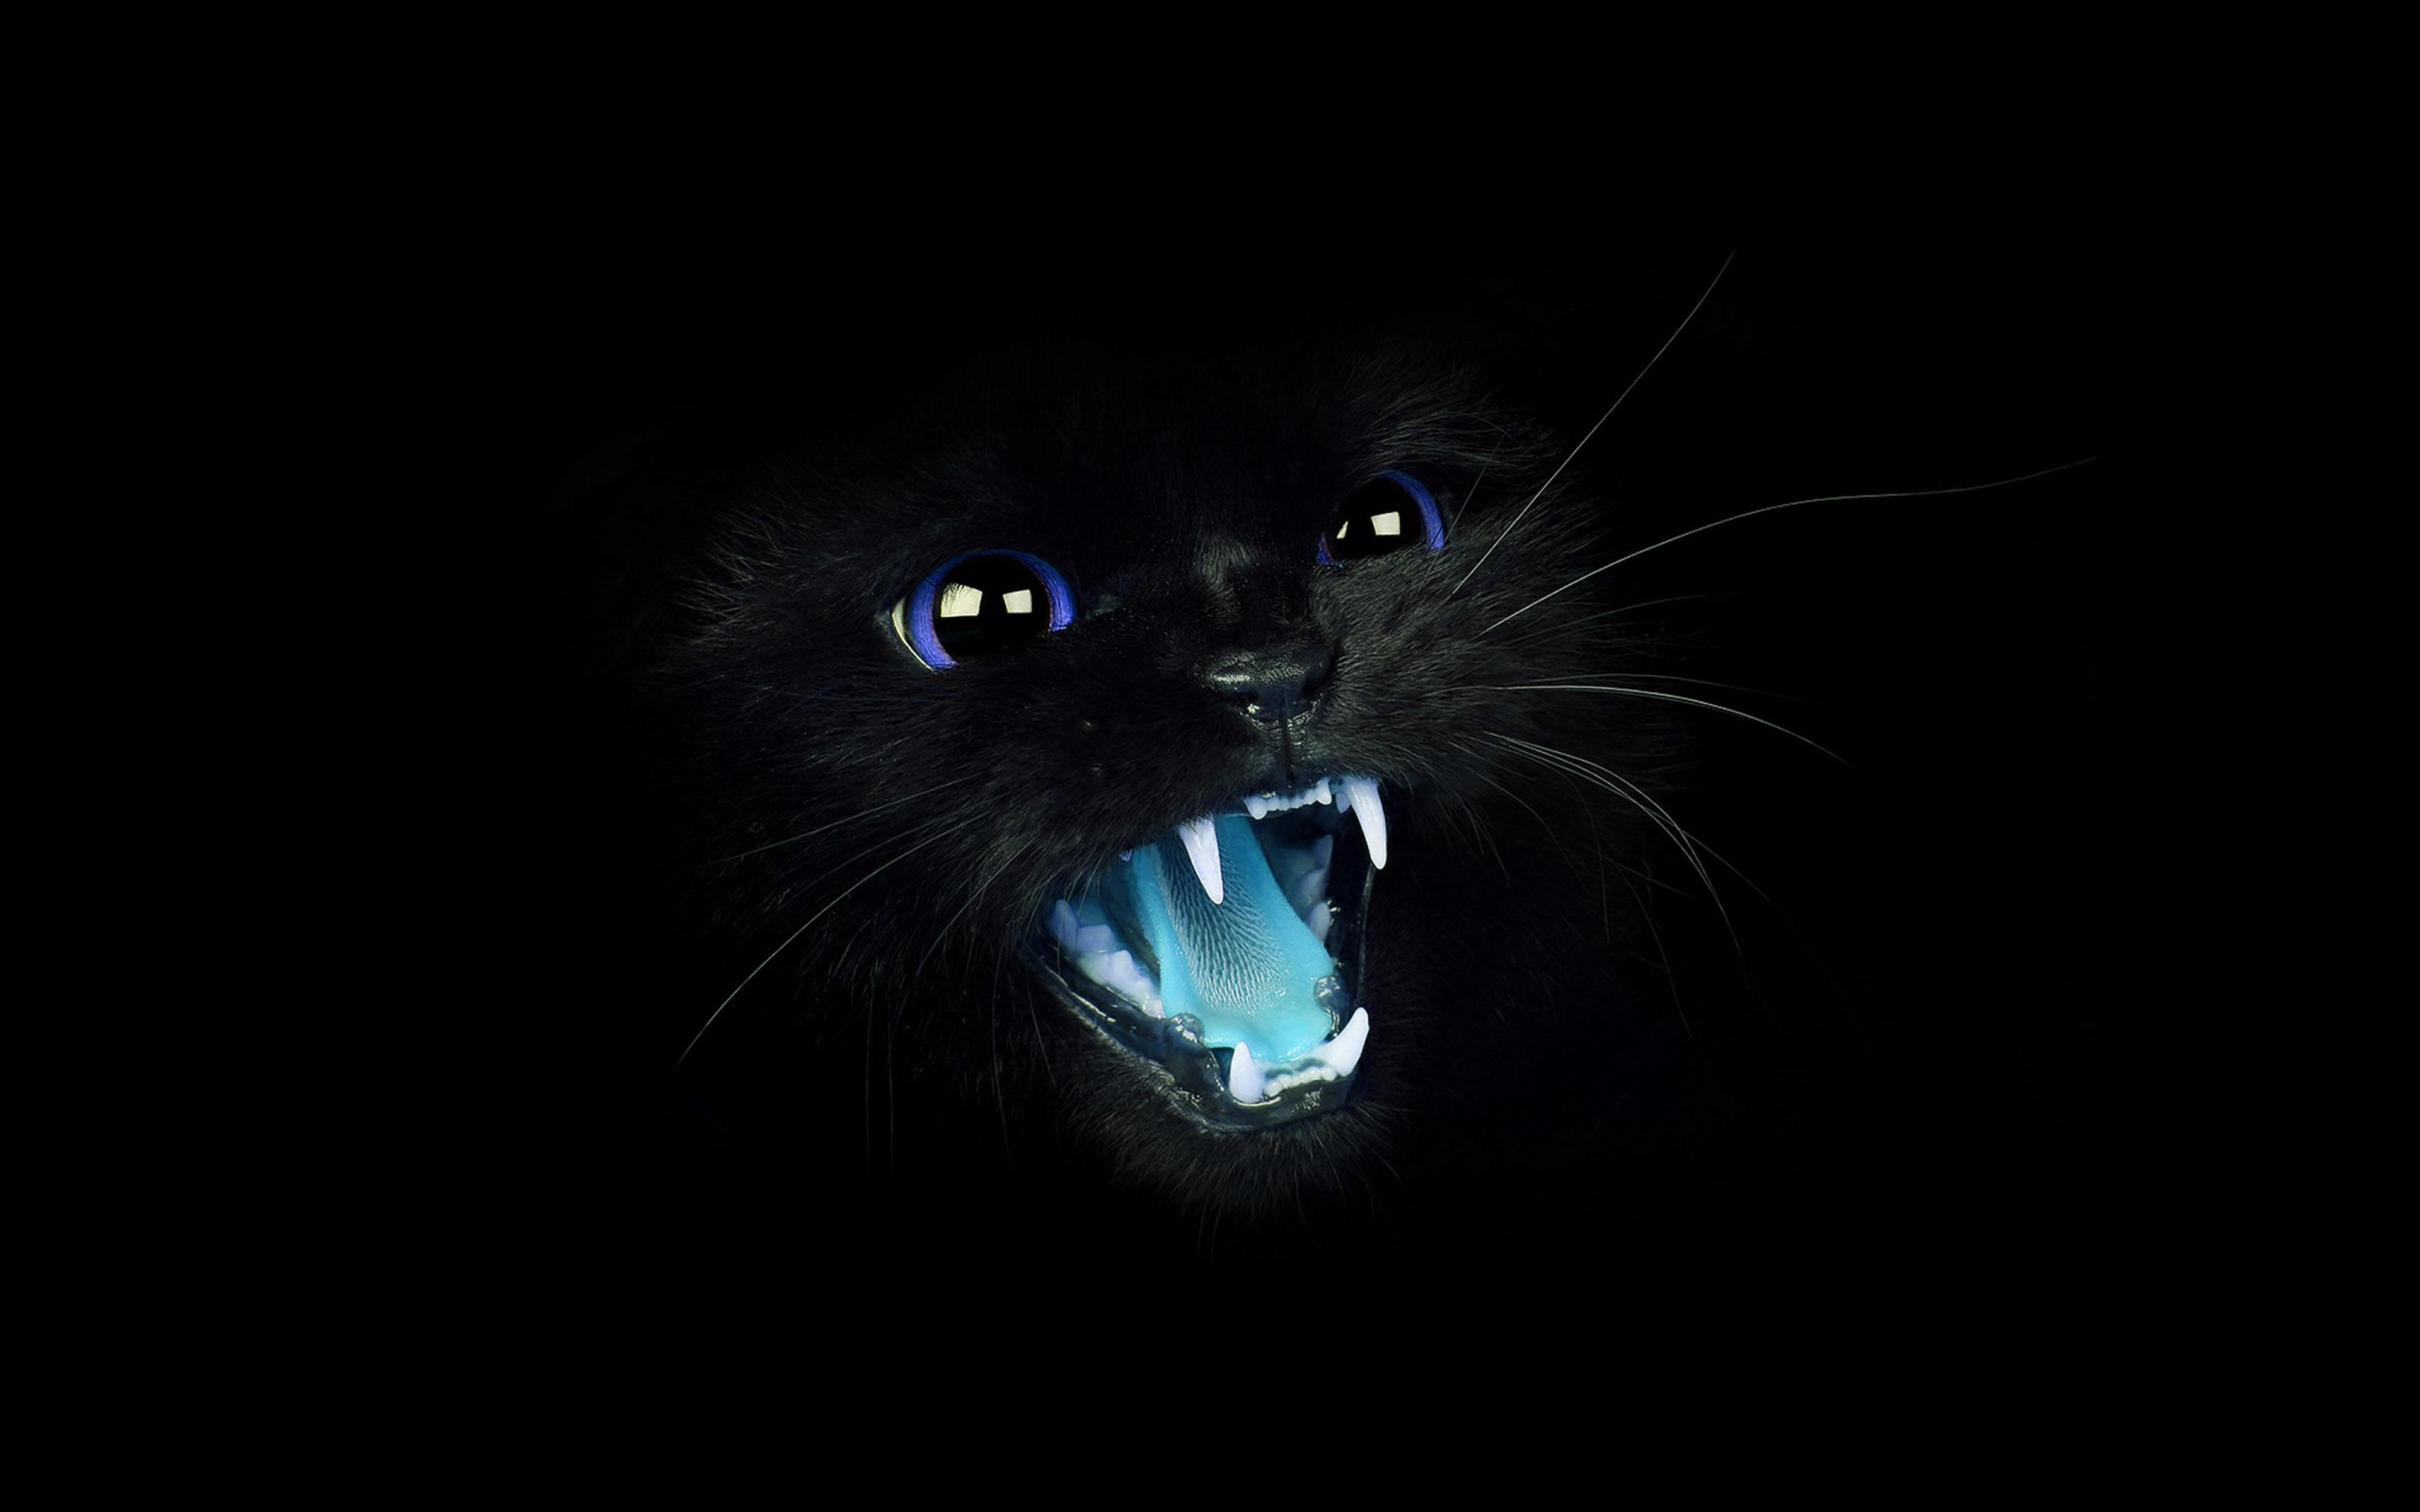 Fall Kitten Wallpaper Mj55 Black Cat Blue Eye Roar Animal Cute Papers Co